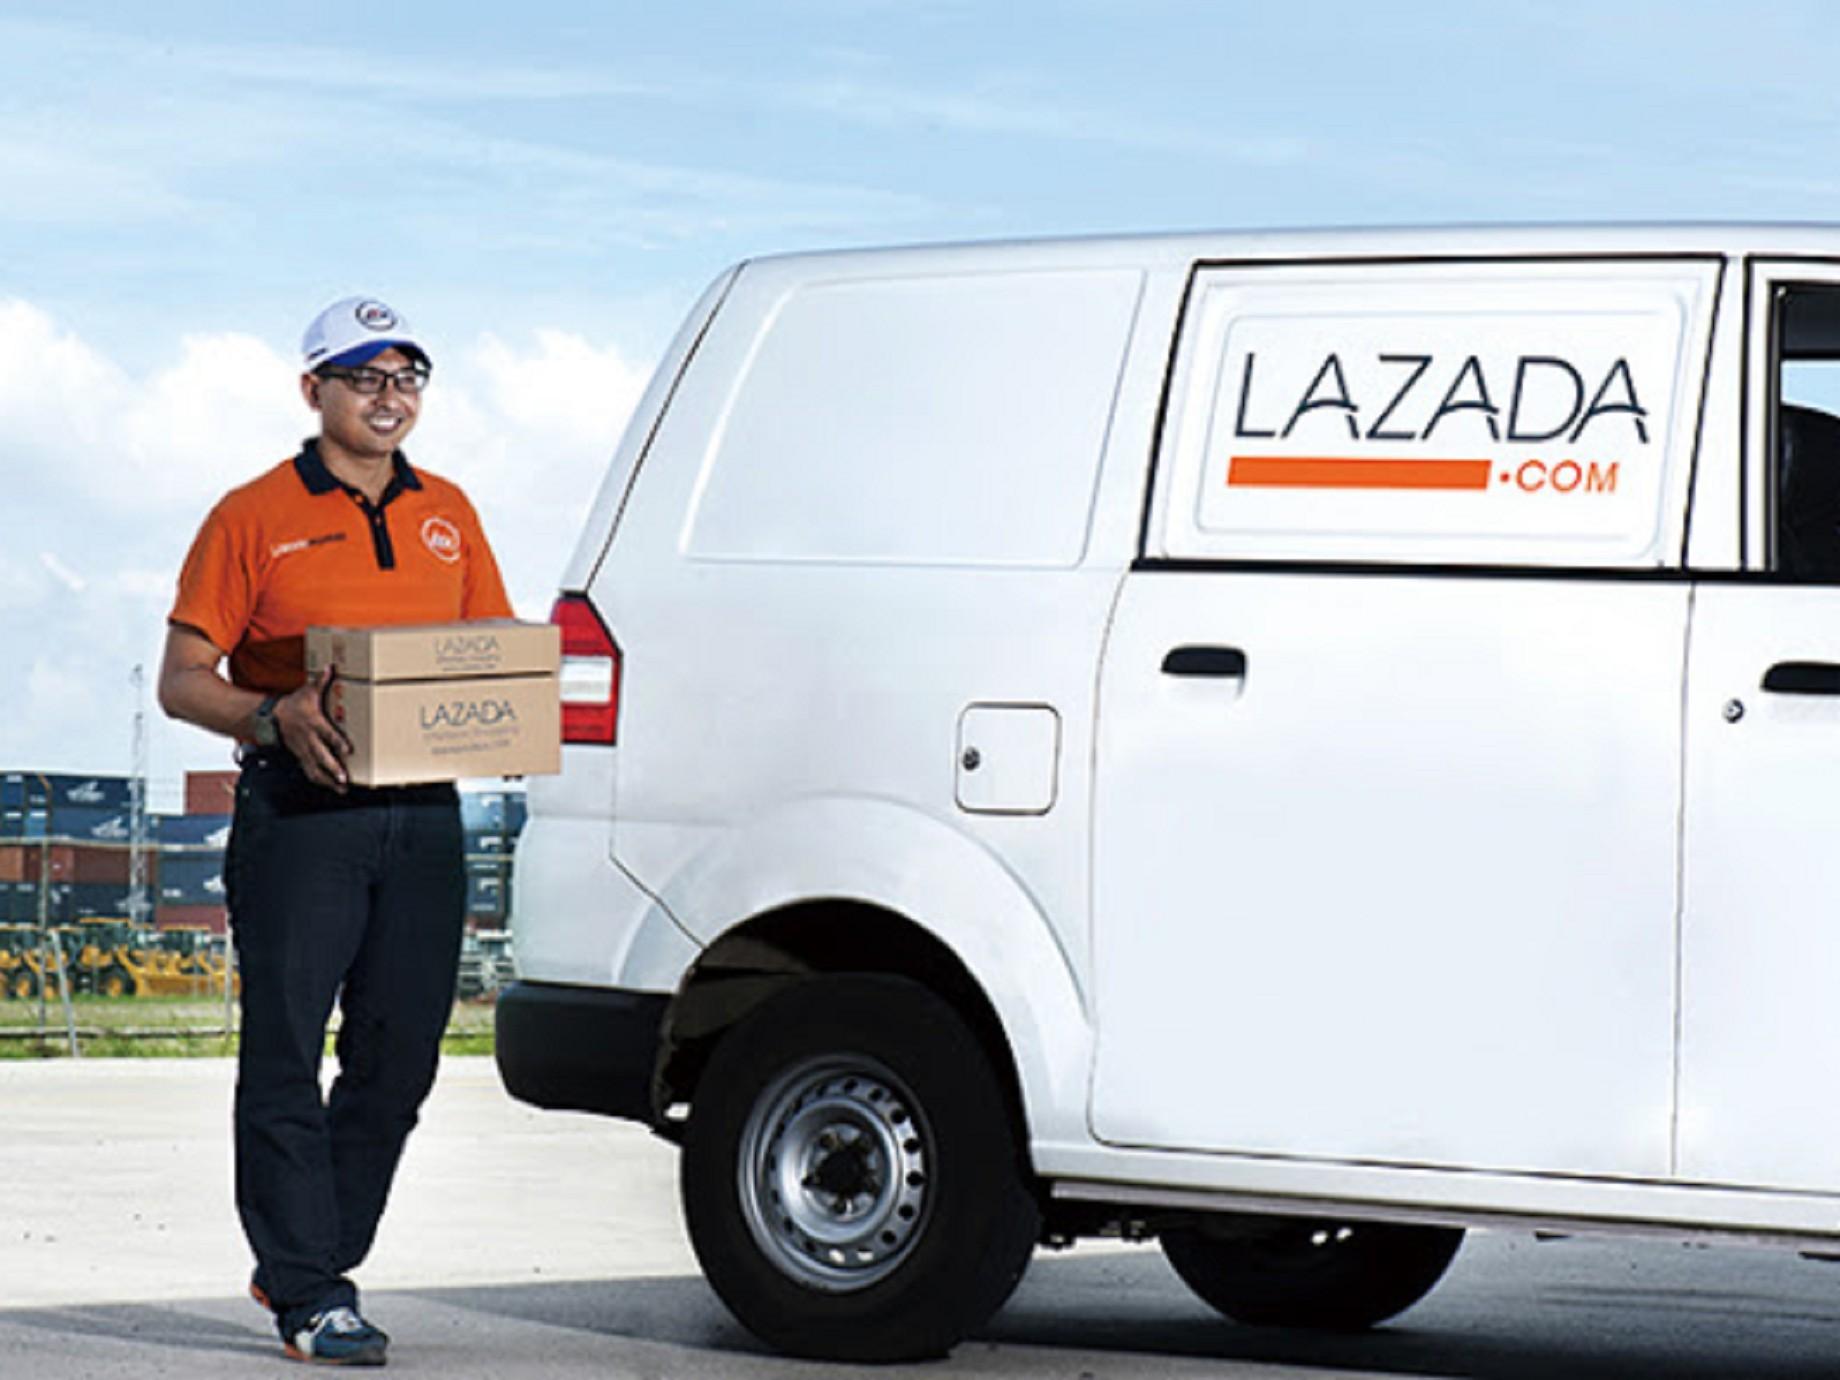 電商 Lazada 四年橫掃東南亞六國的秘密